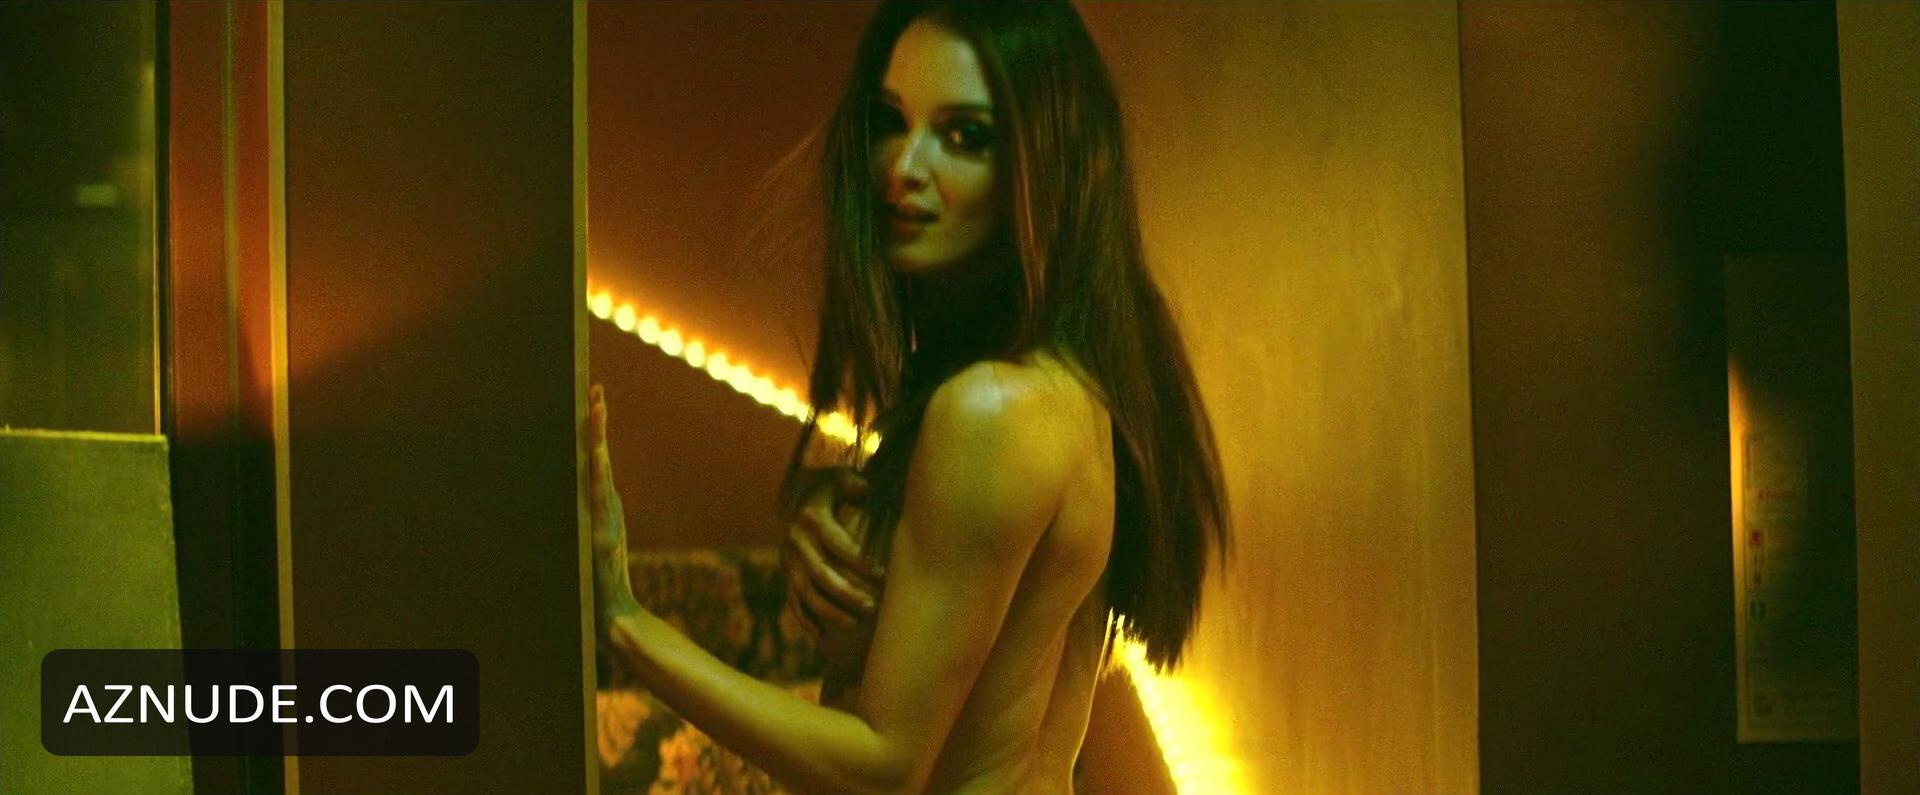 charlotte le bon nude